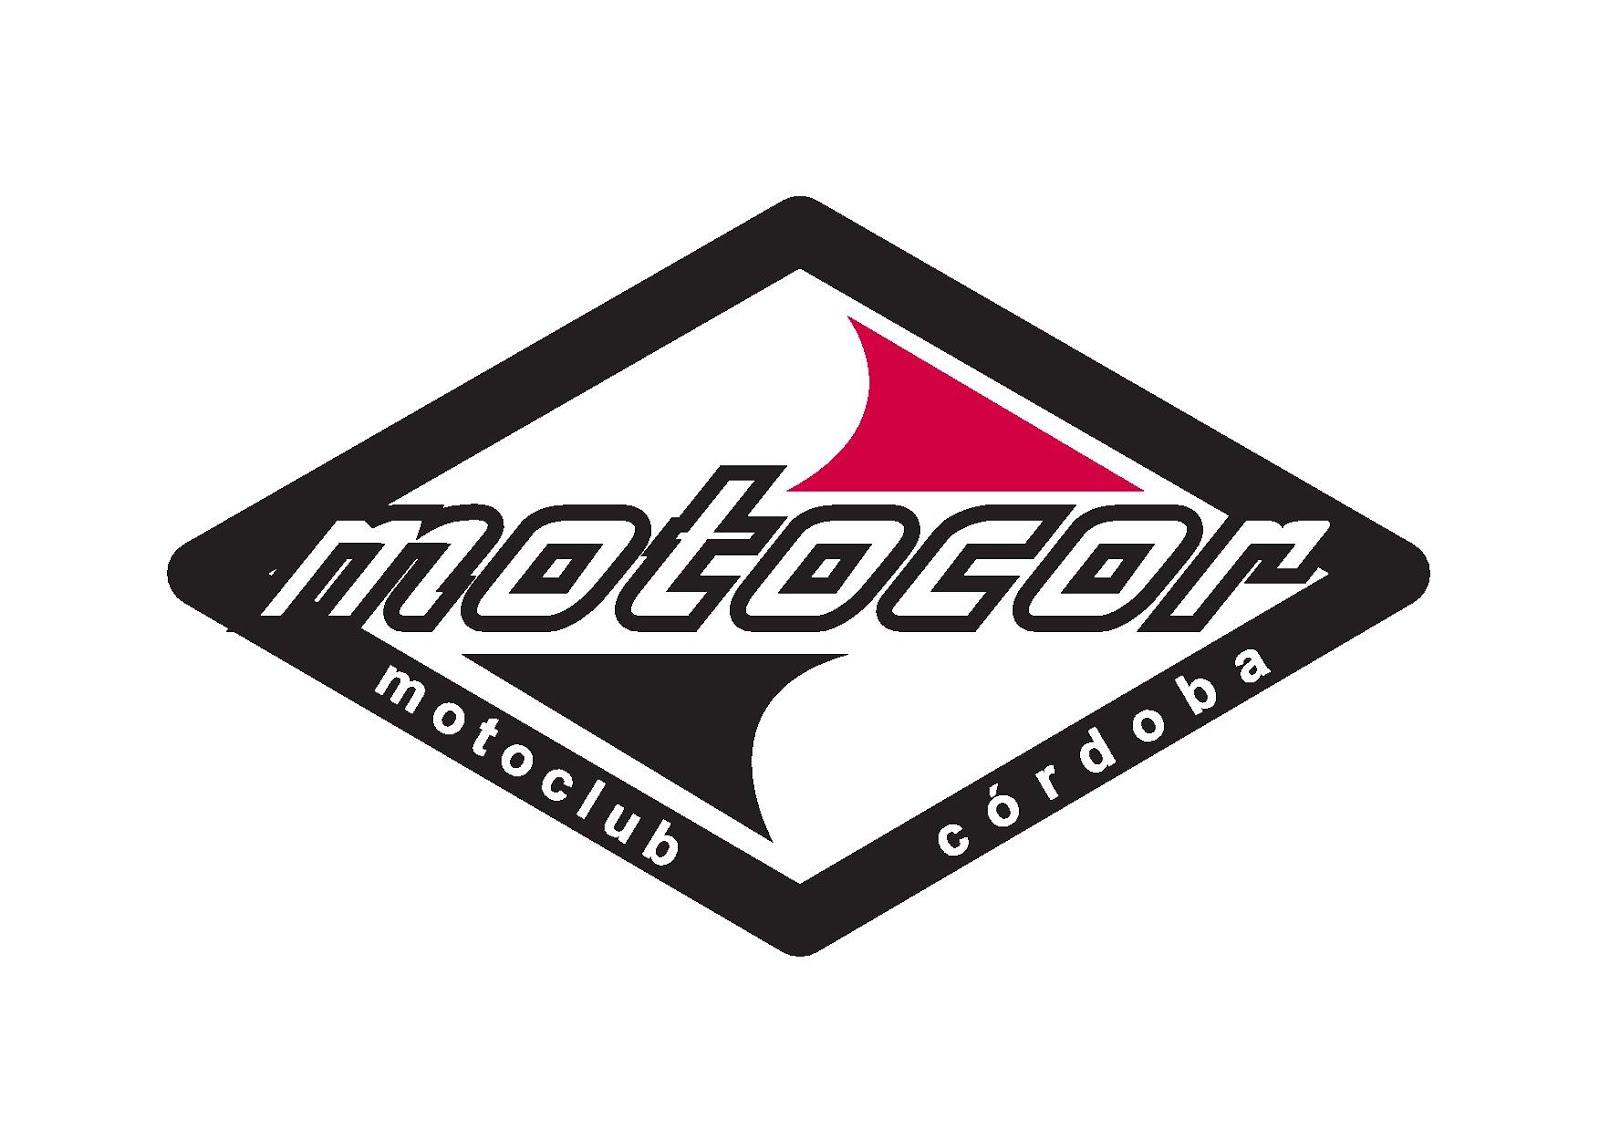 MOTOCLUB MOTOCOR